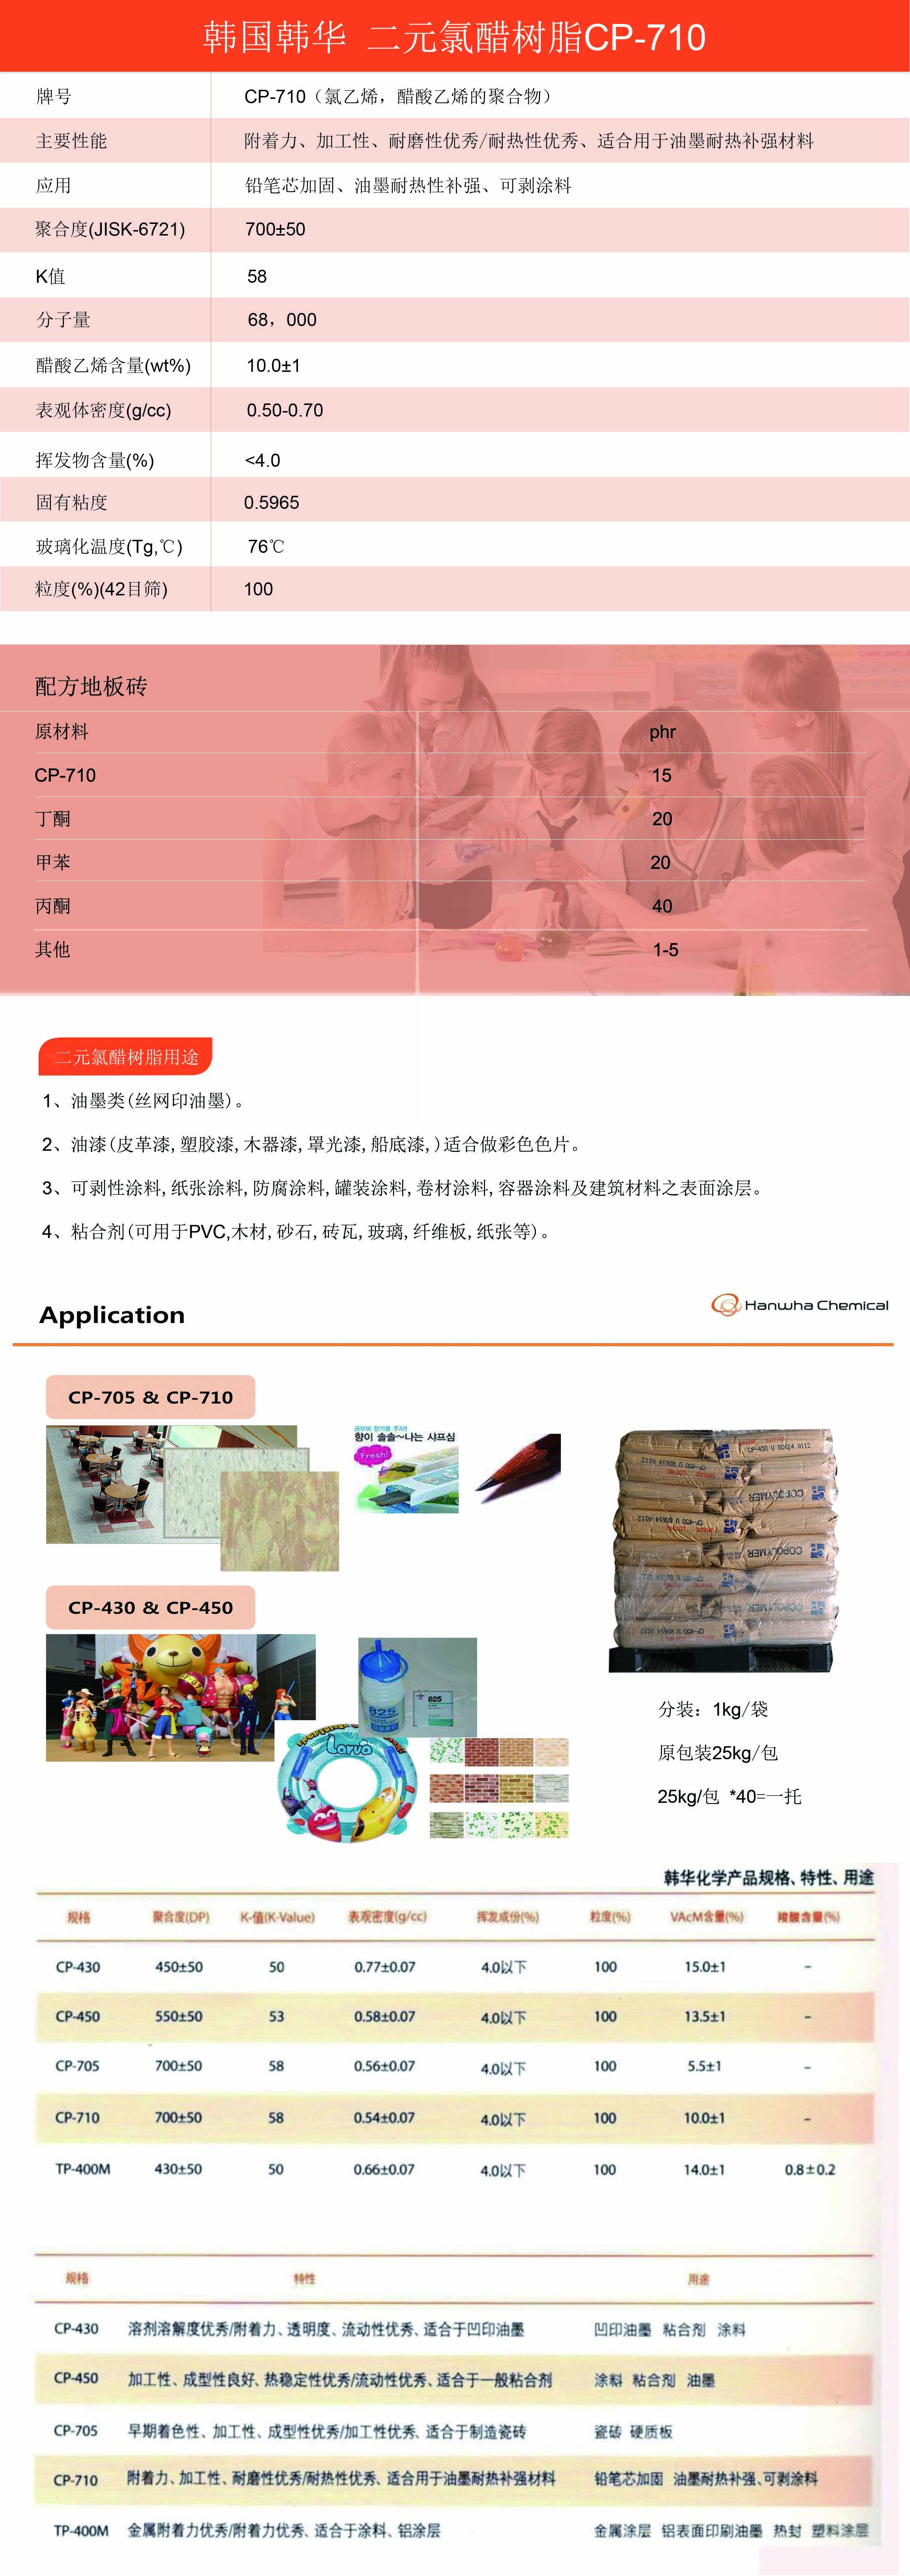 文华网站二级目录韩华CP-710